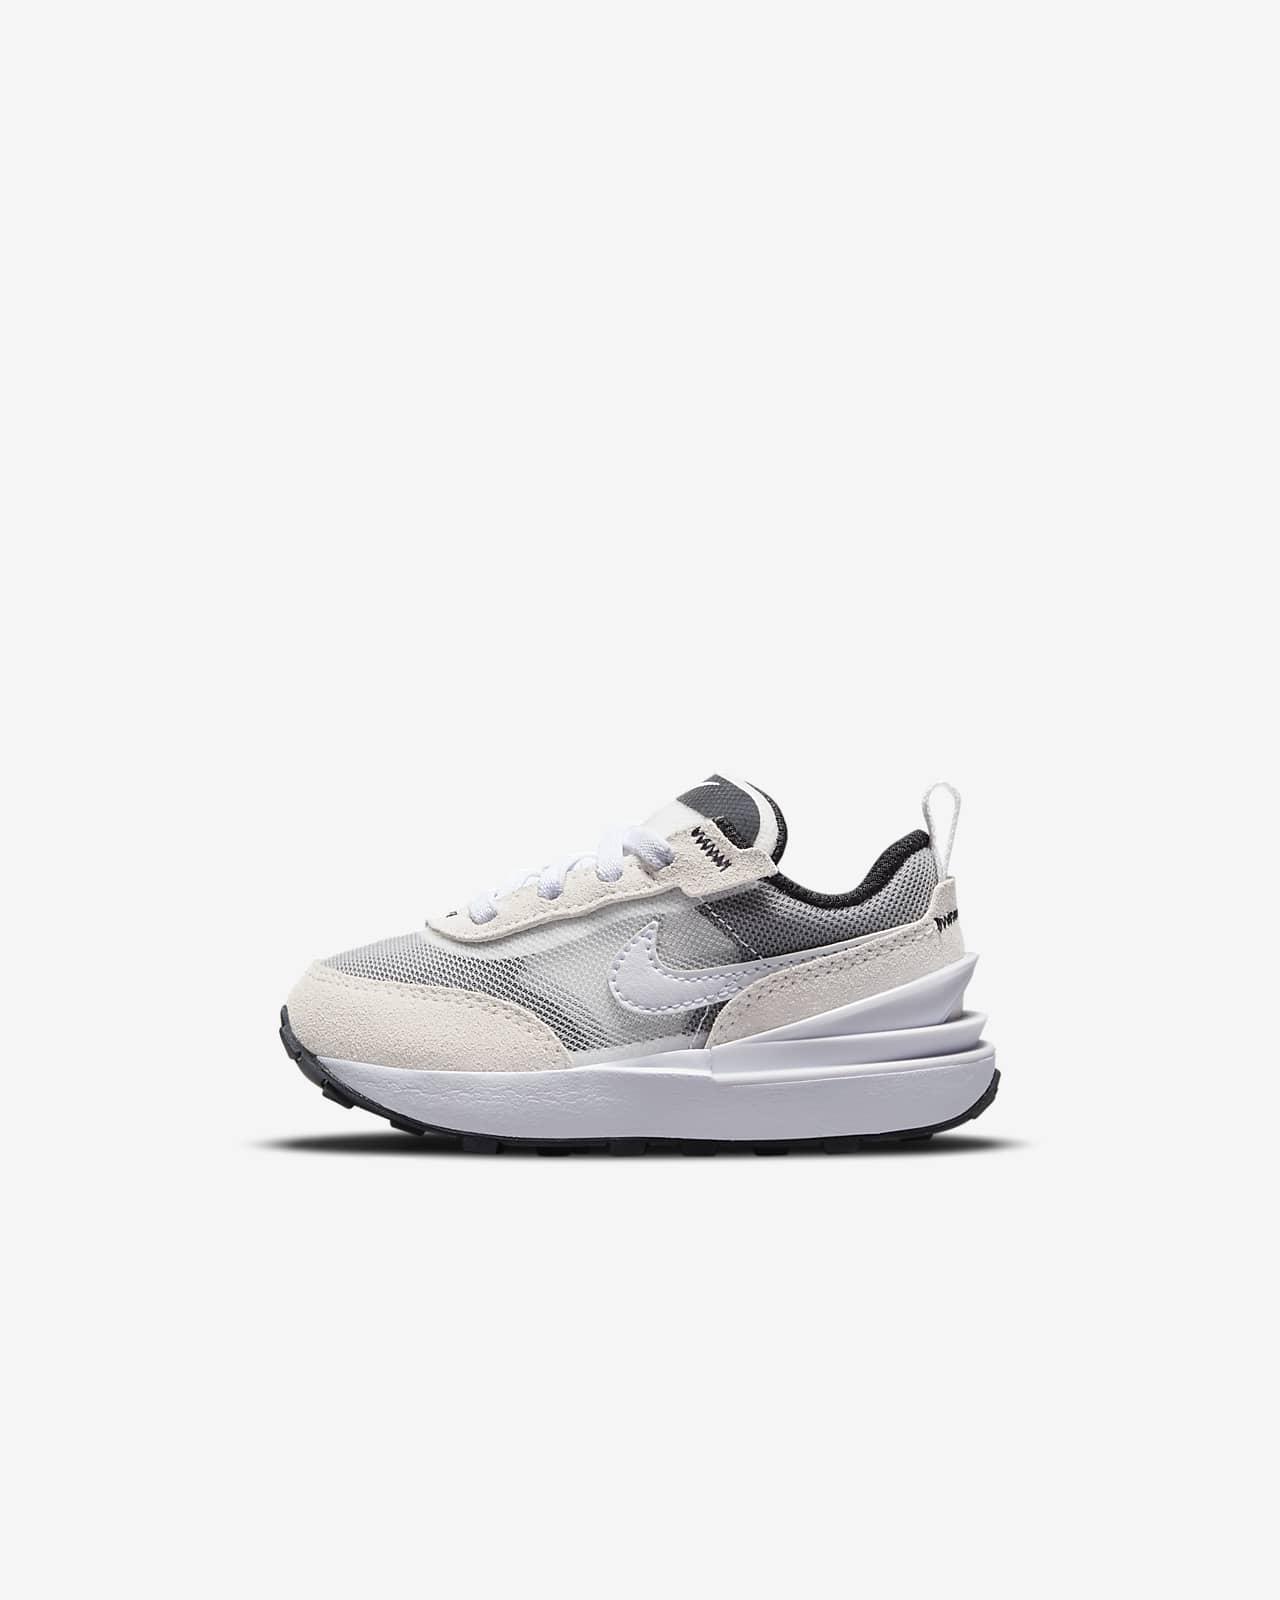 Nike Waffle One sko til sped-/småbarn